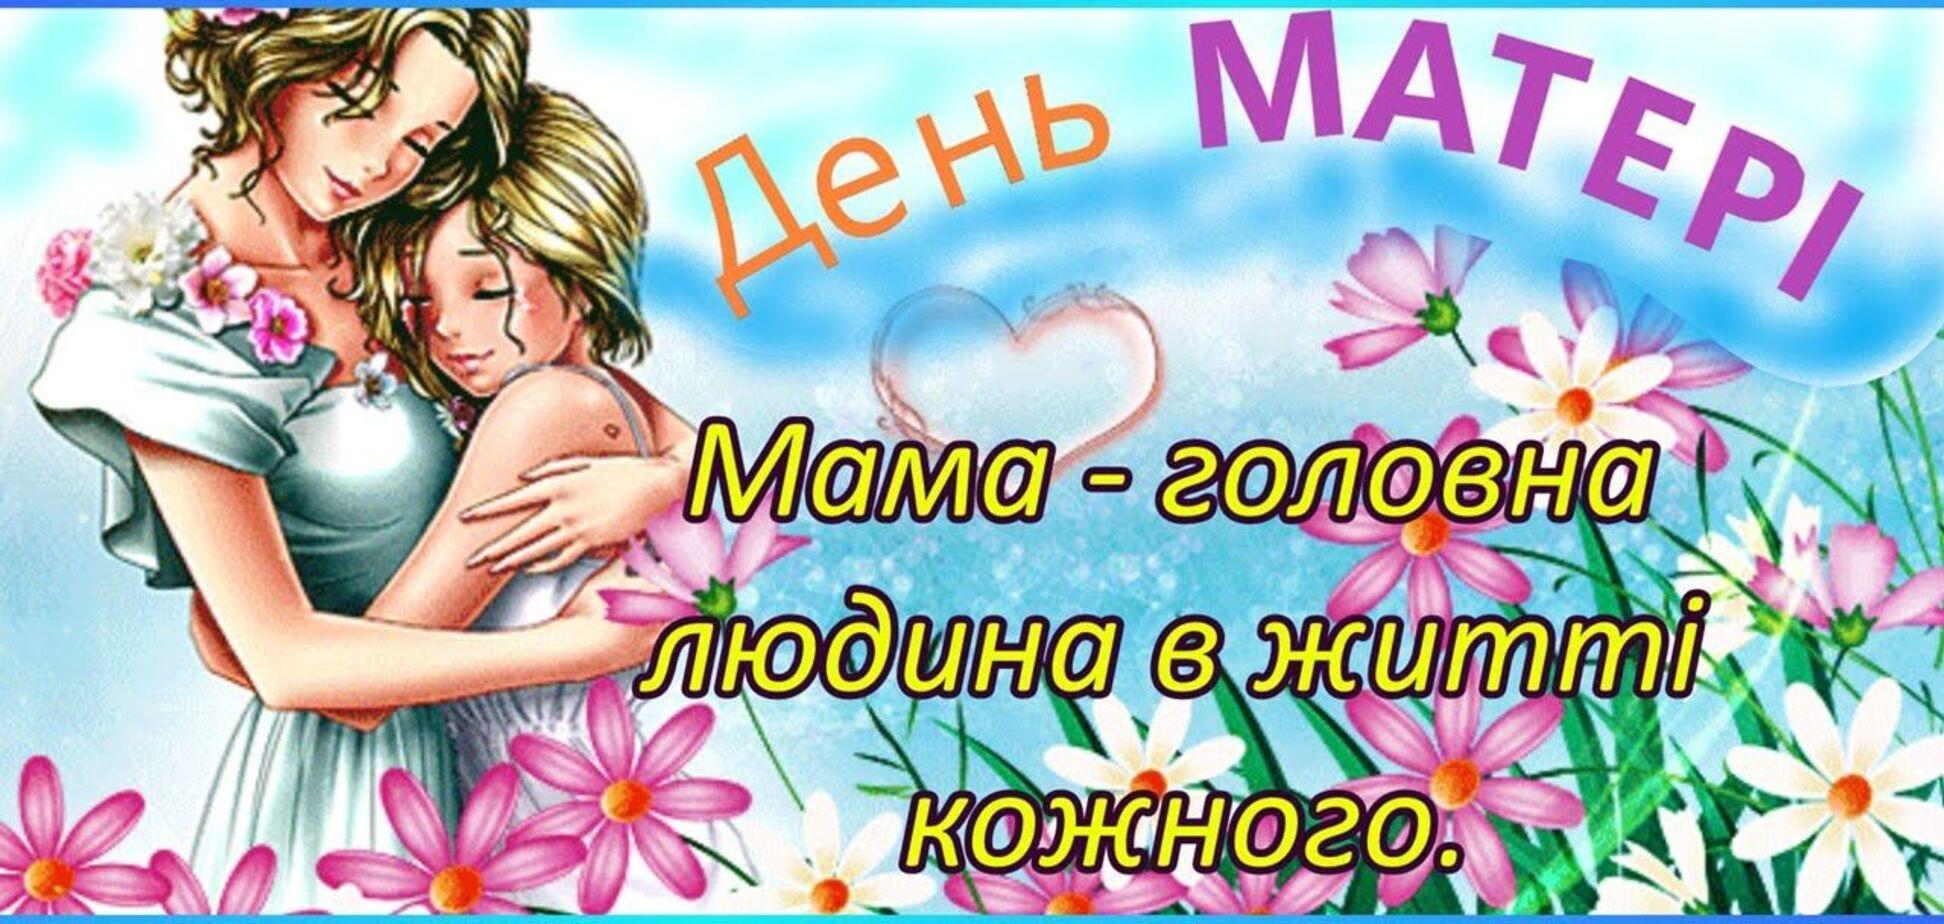 2021 року свято матерів в Україні відзначається 9 травня